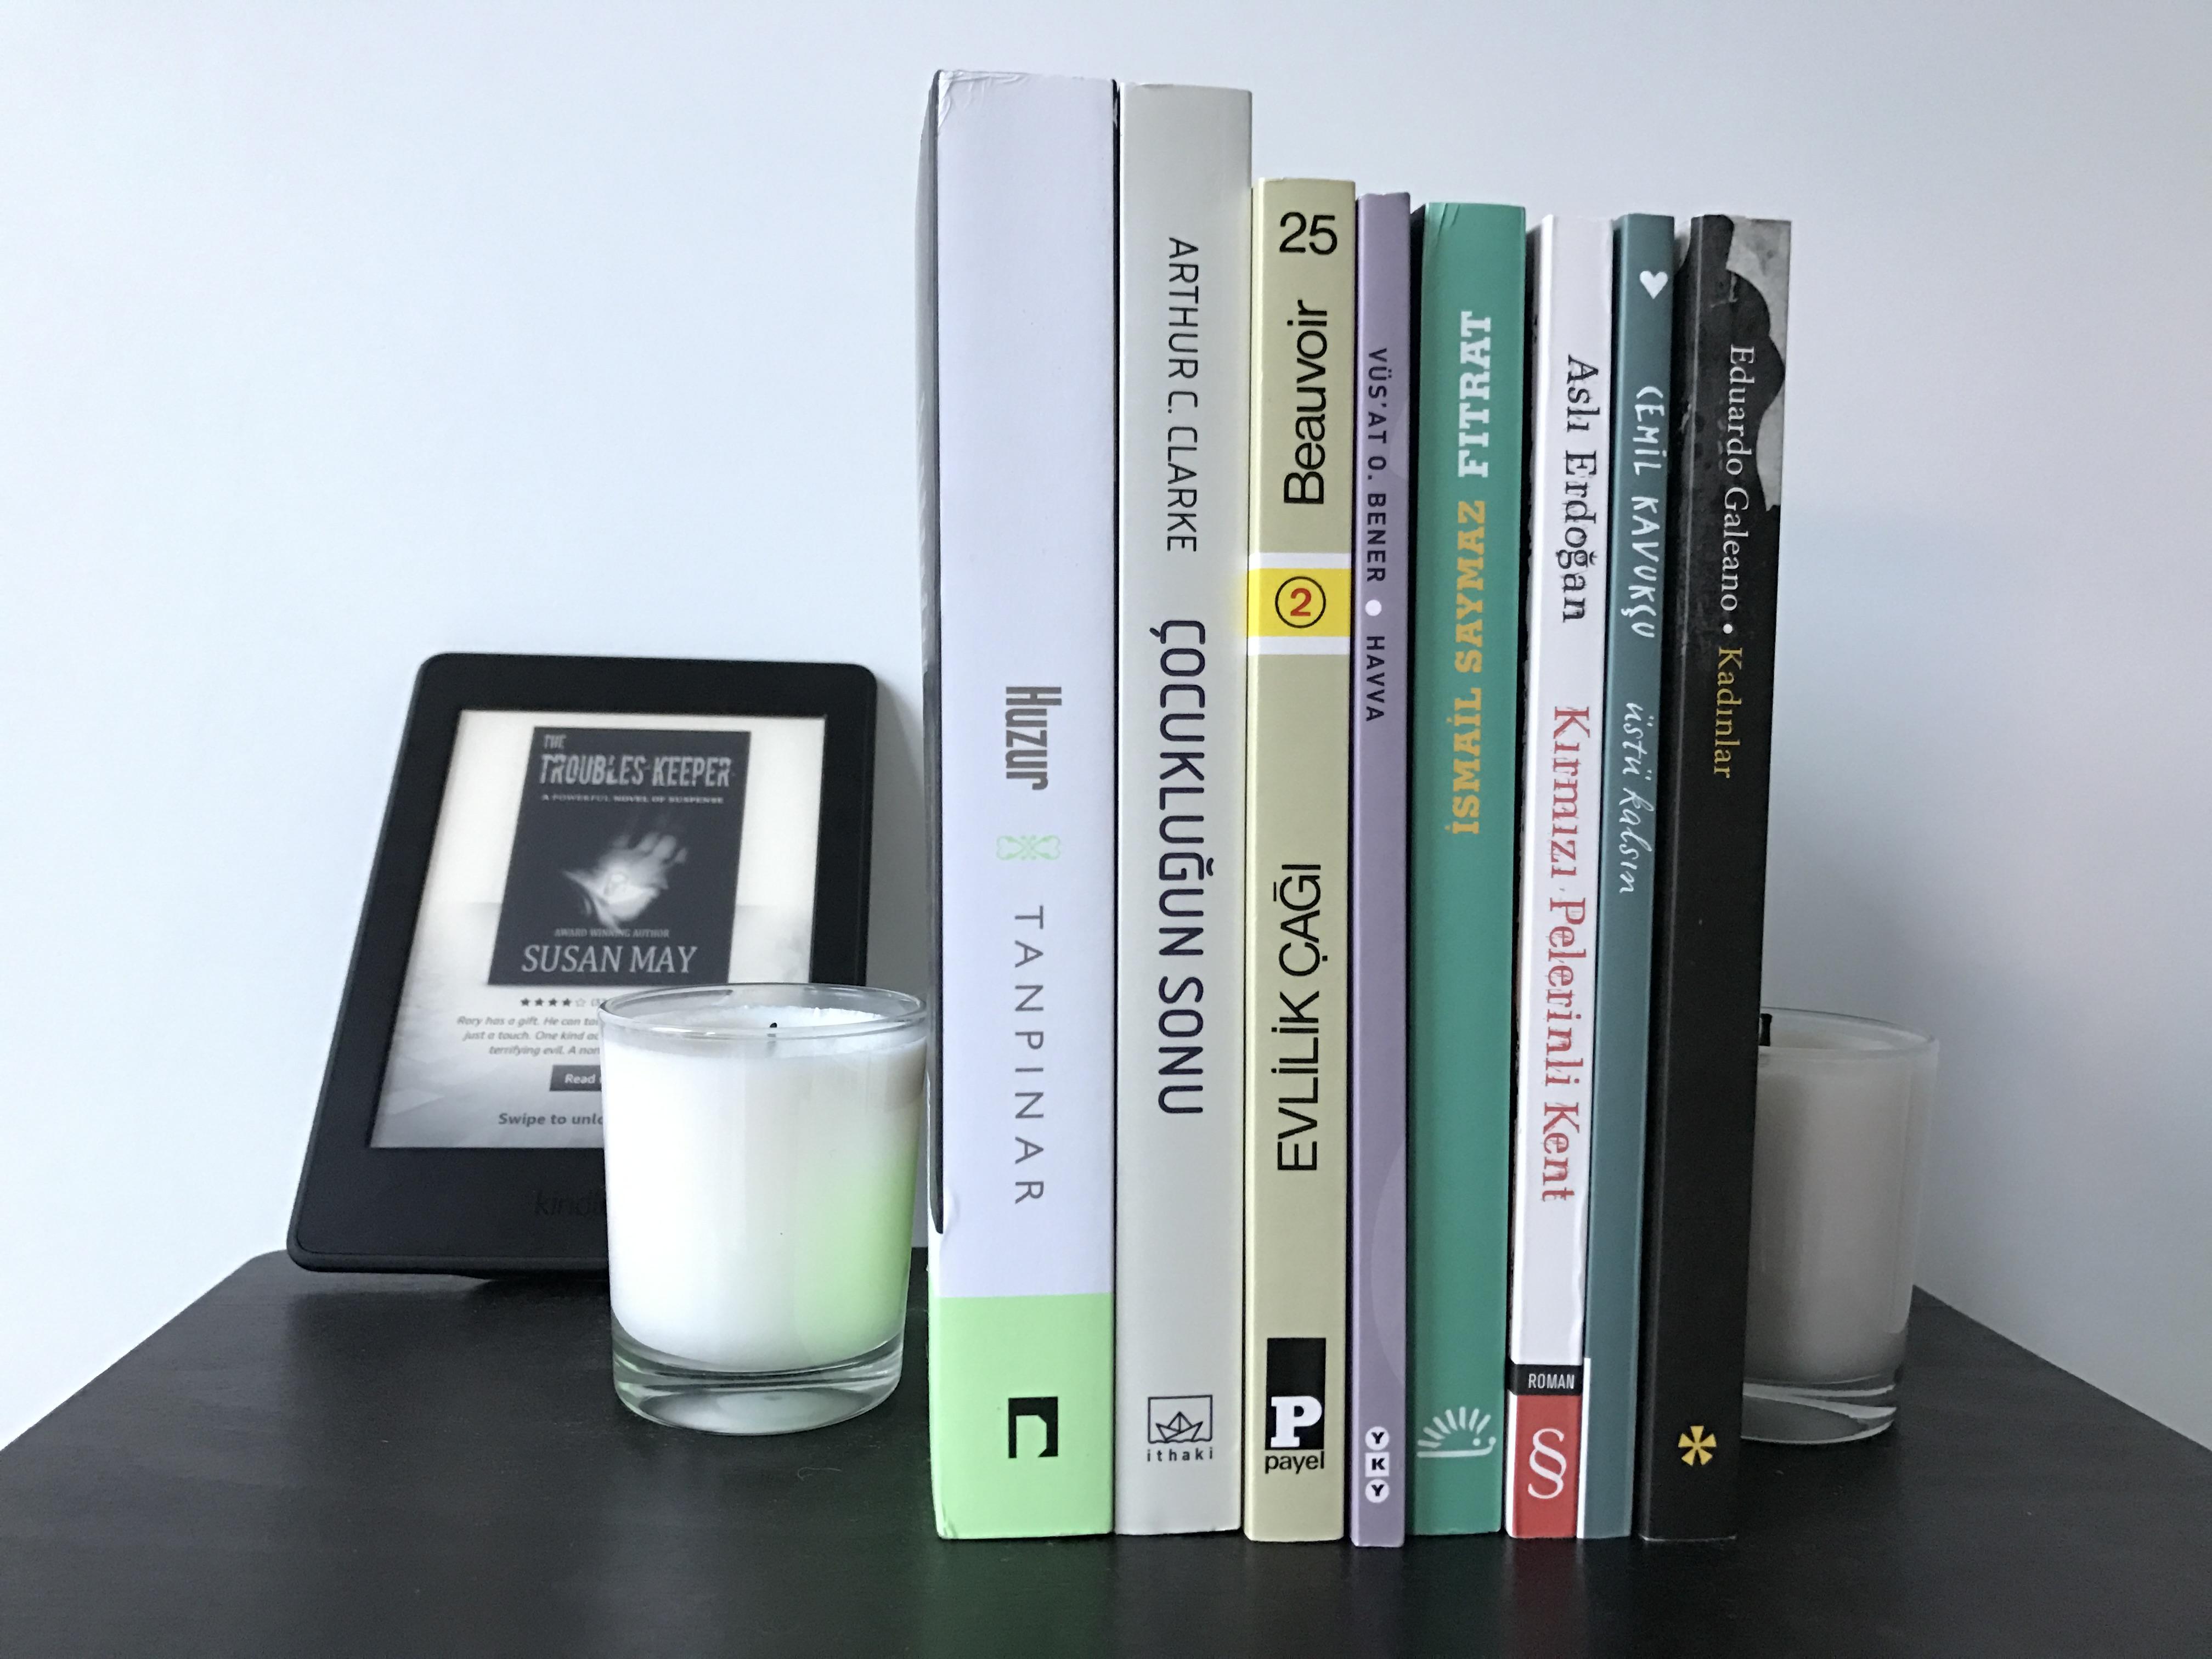 kitap-okuma-listesi-kitaplar-edebiyat